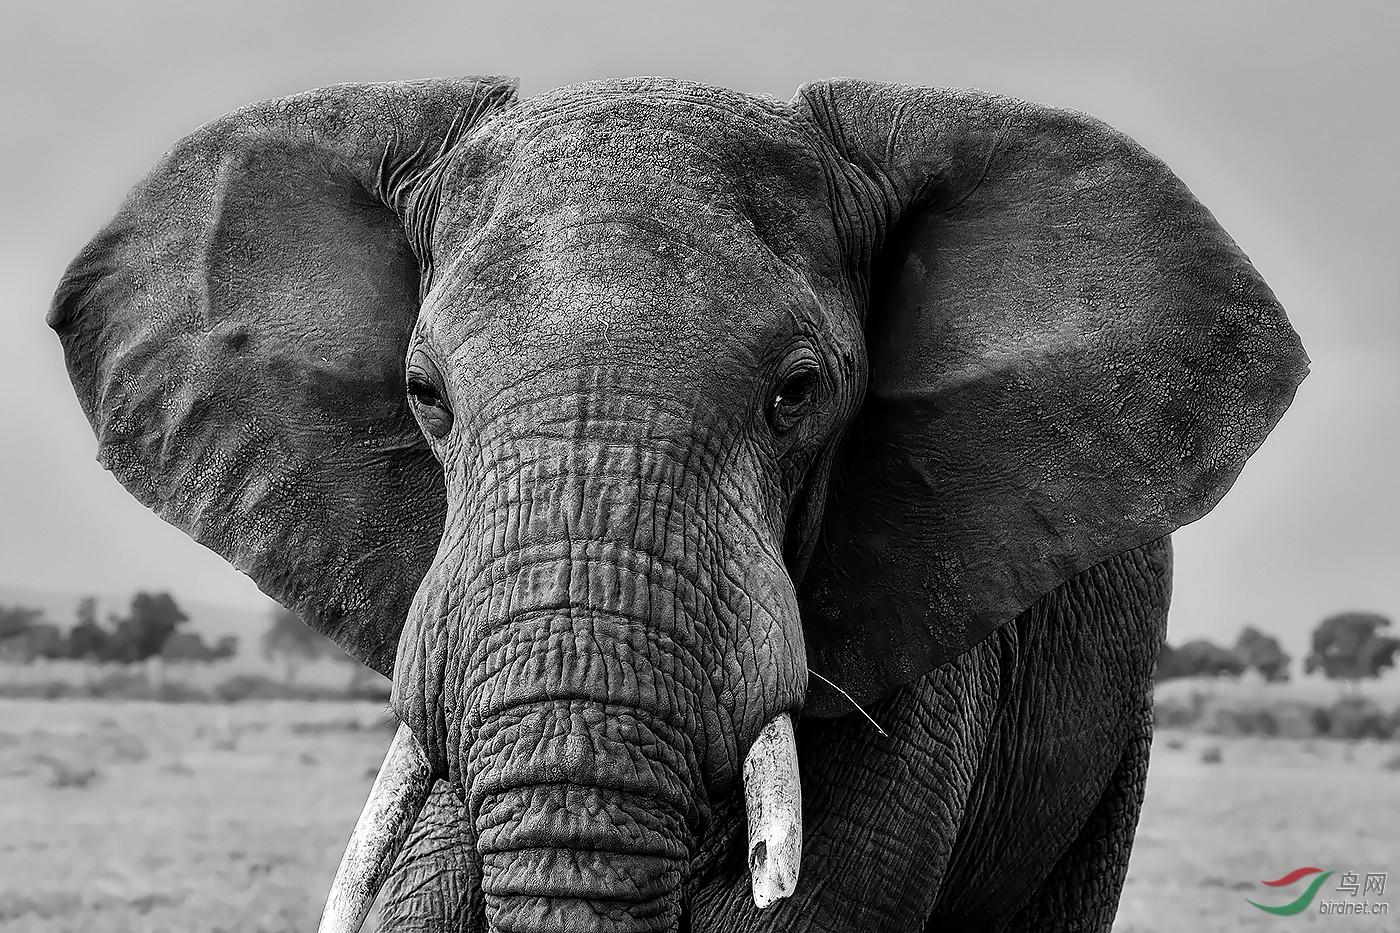 入围-1442.大象肖像wxy123-pic-5b8edfb4540f3.jpg